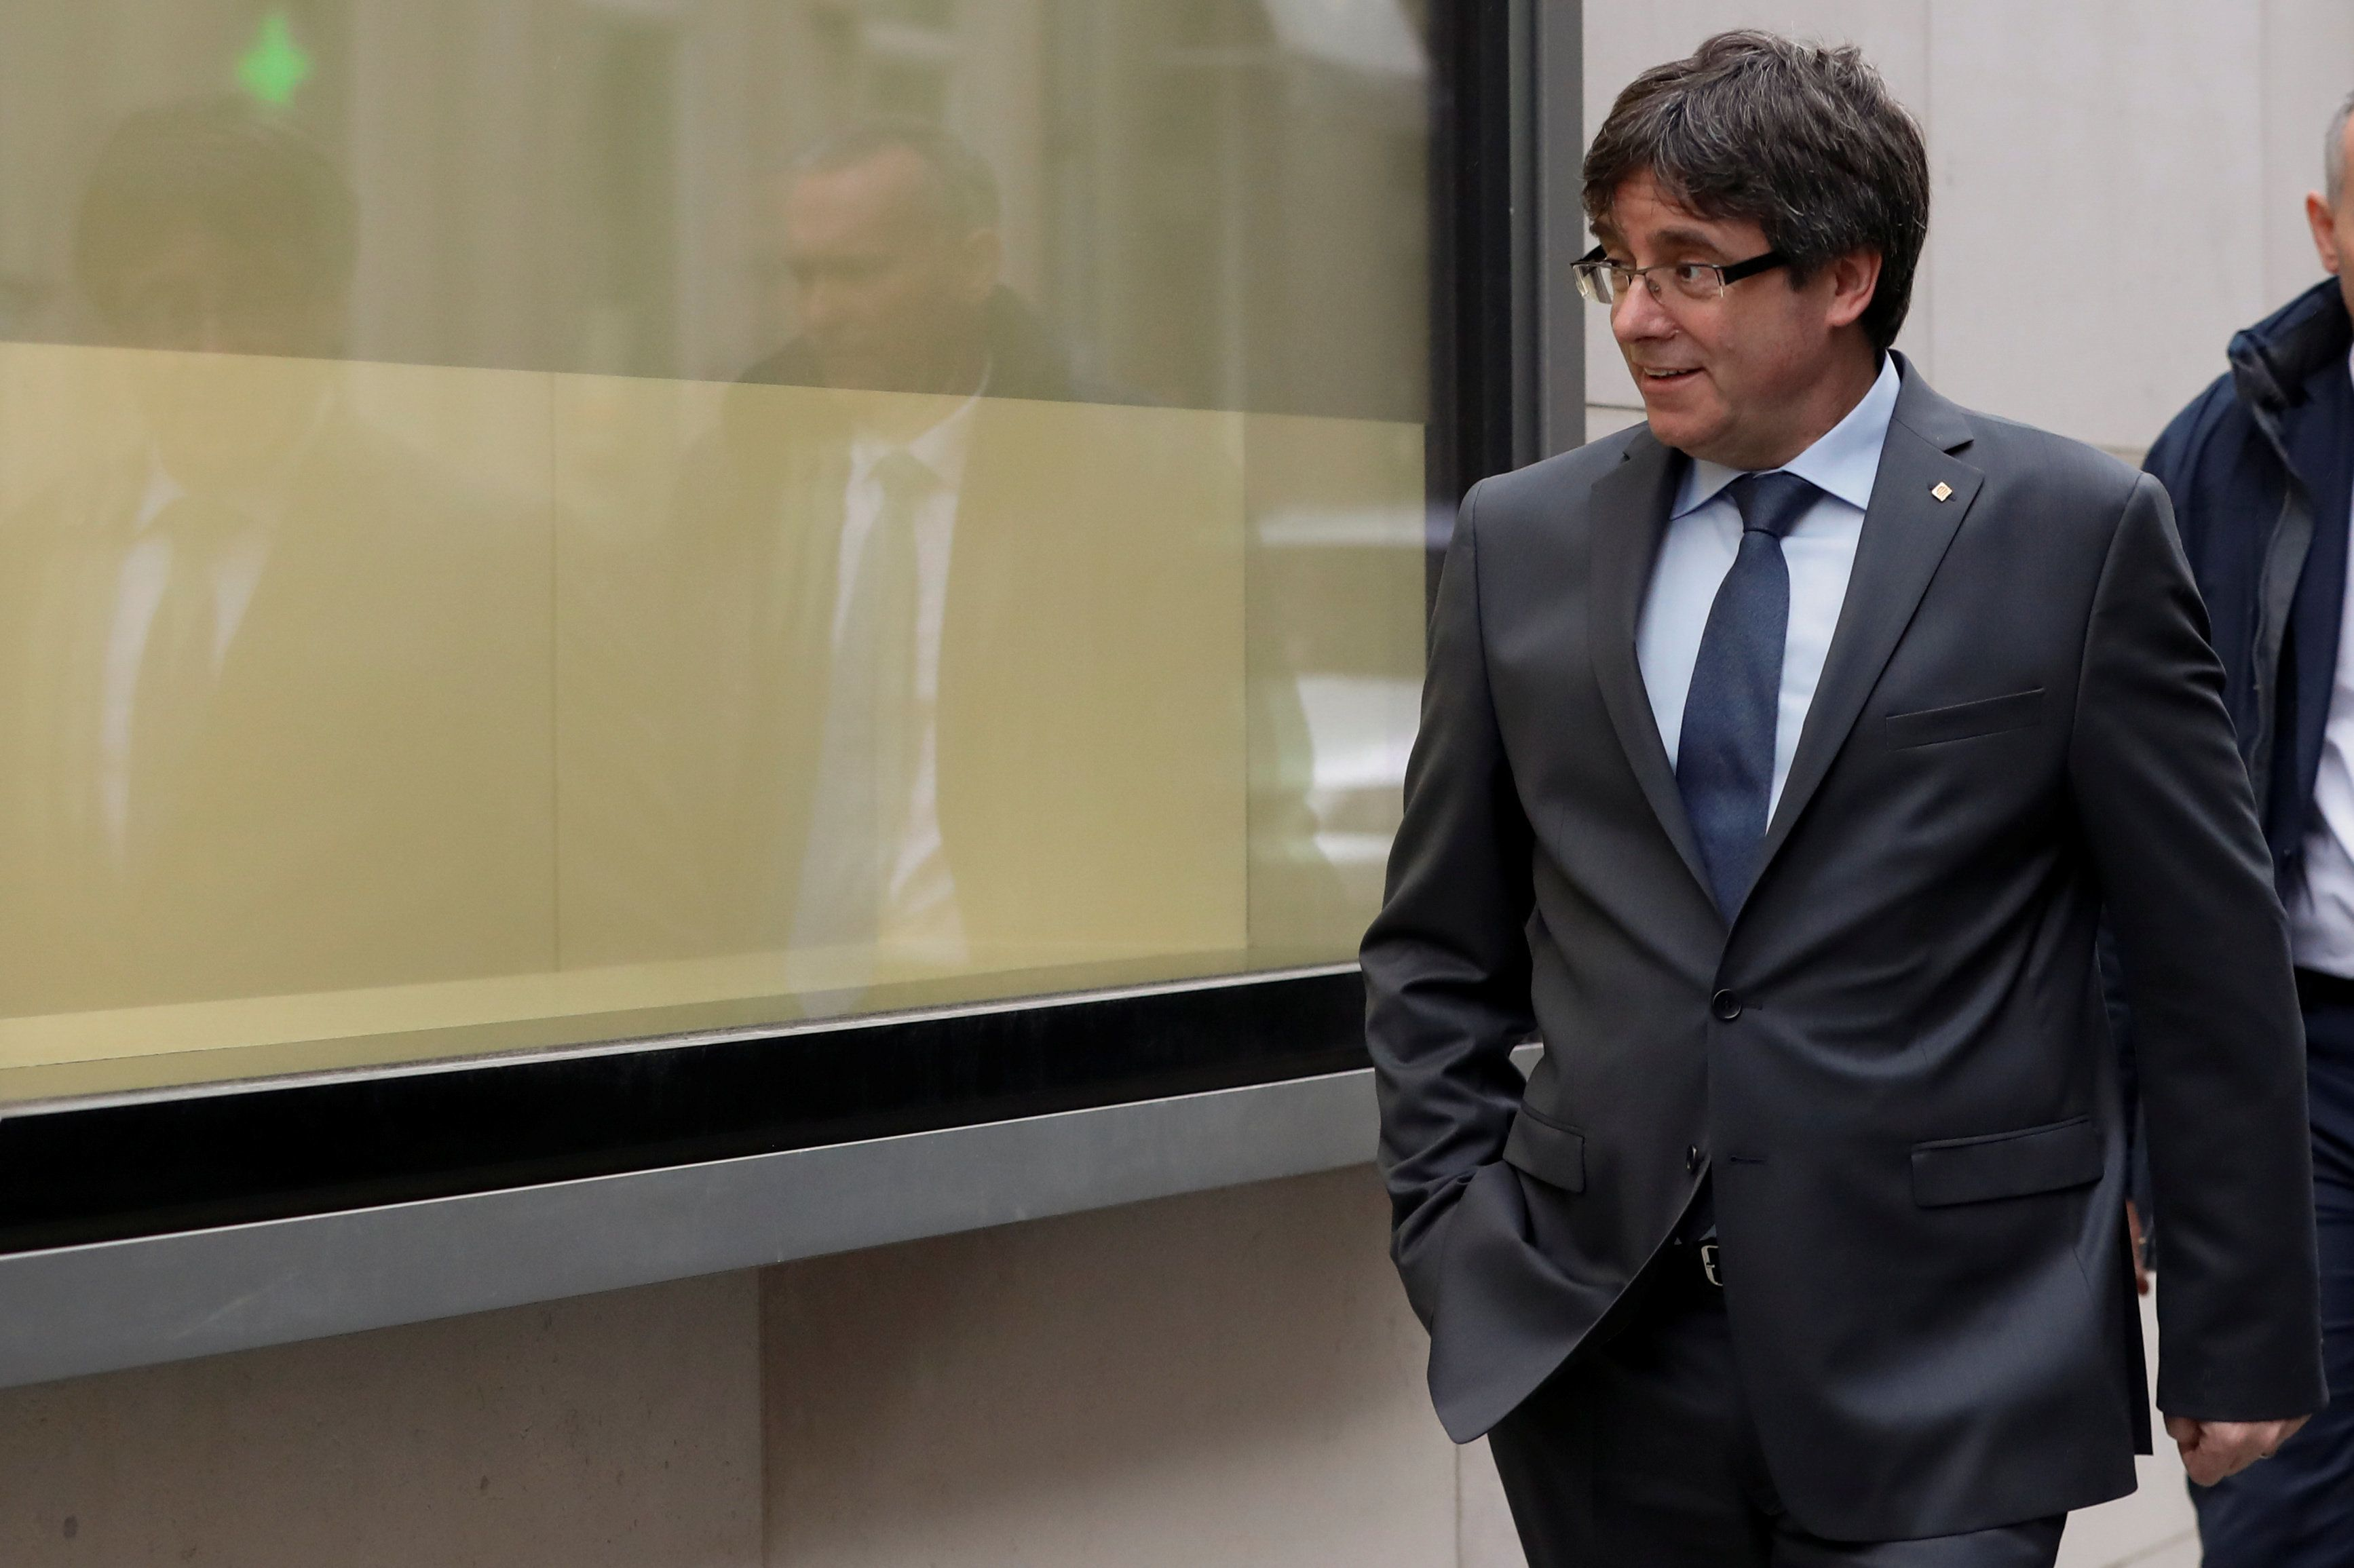 Καταλονία: Βοήθεια για να παραστεί στη συνεδρίαση επανεκλογής του ζητά ο Κάρλες